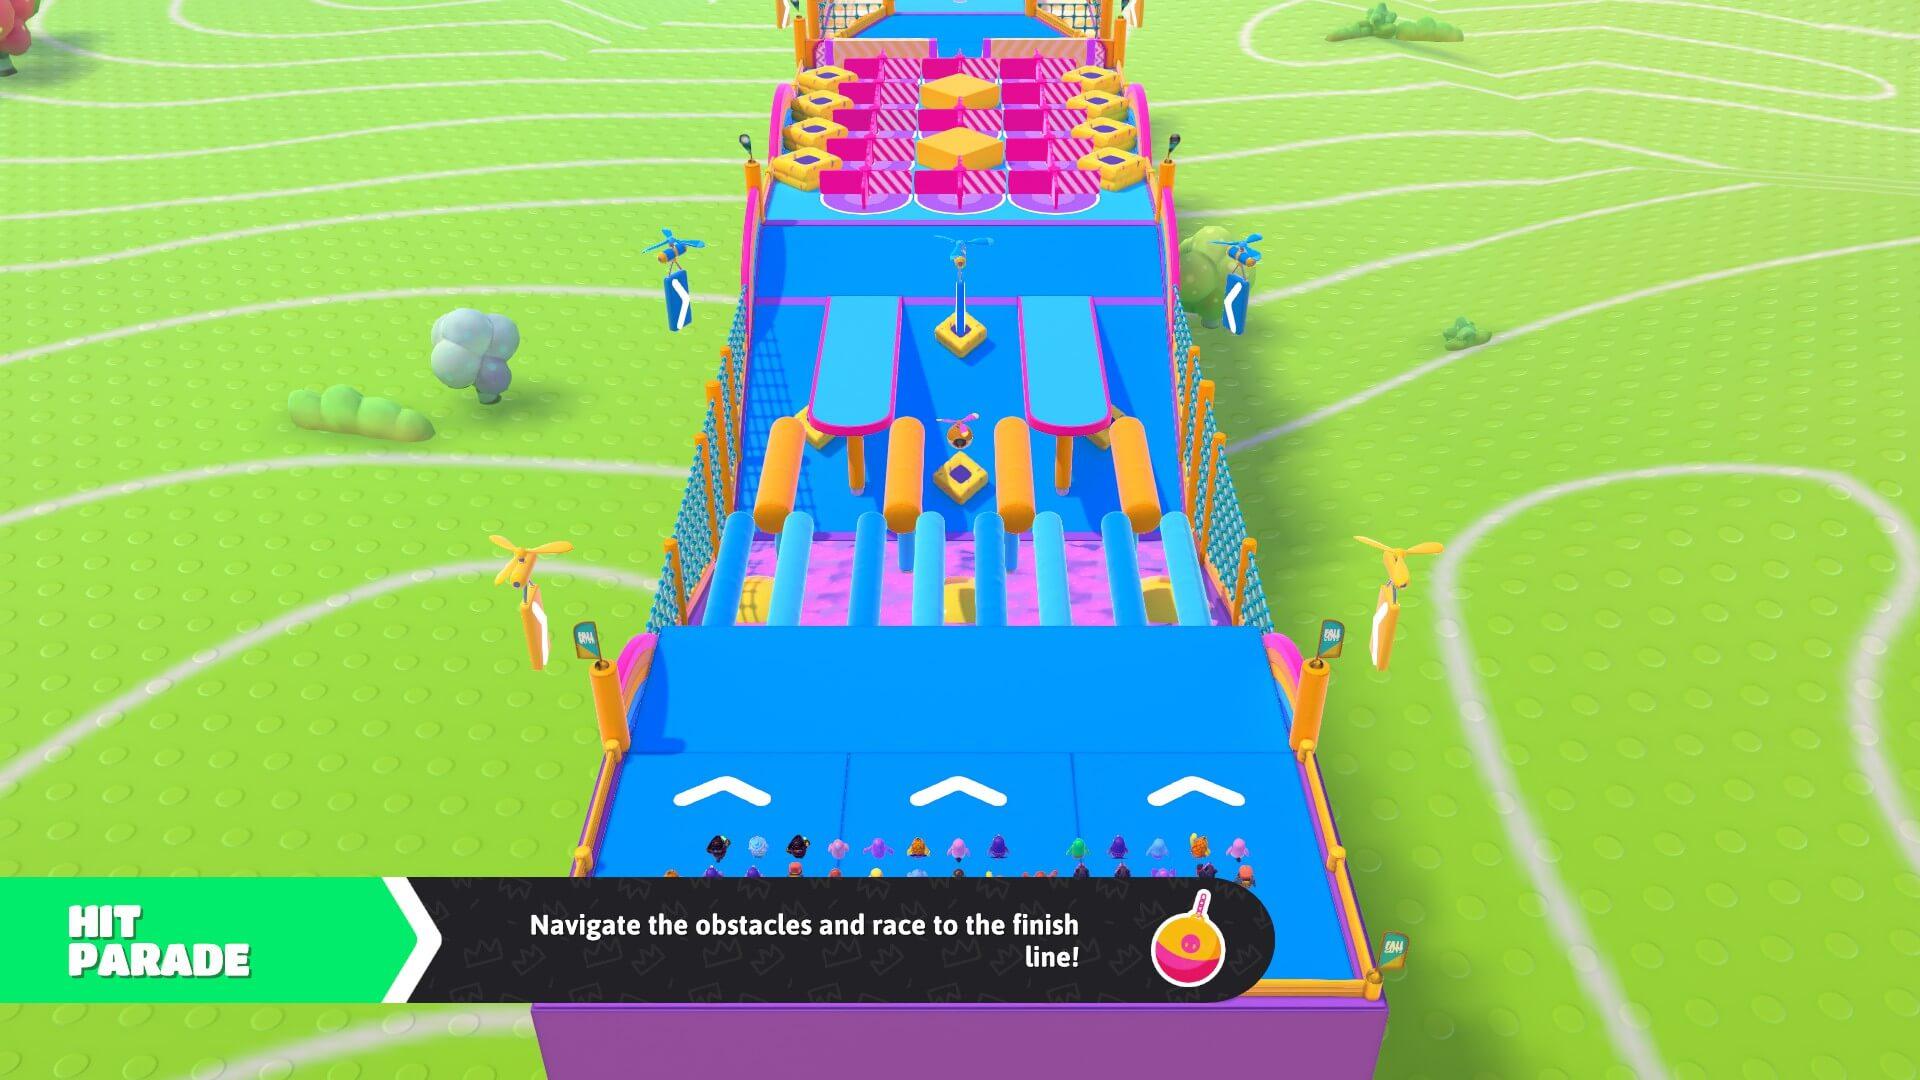 Fall Guys Hit Parade Map Screenshot